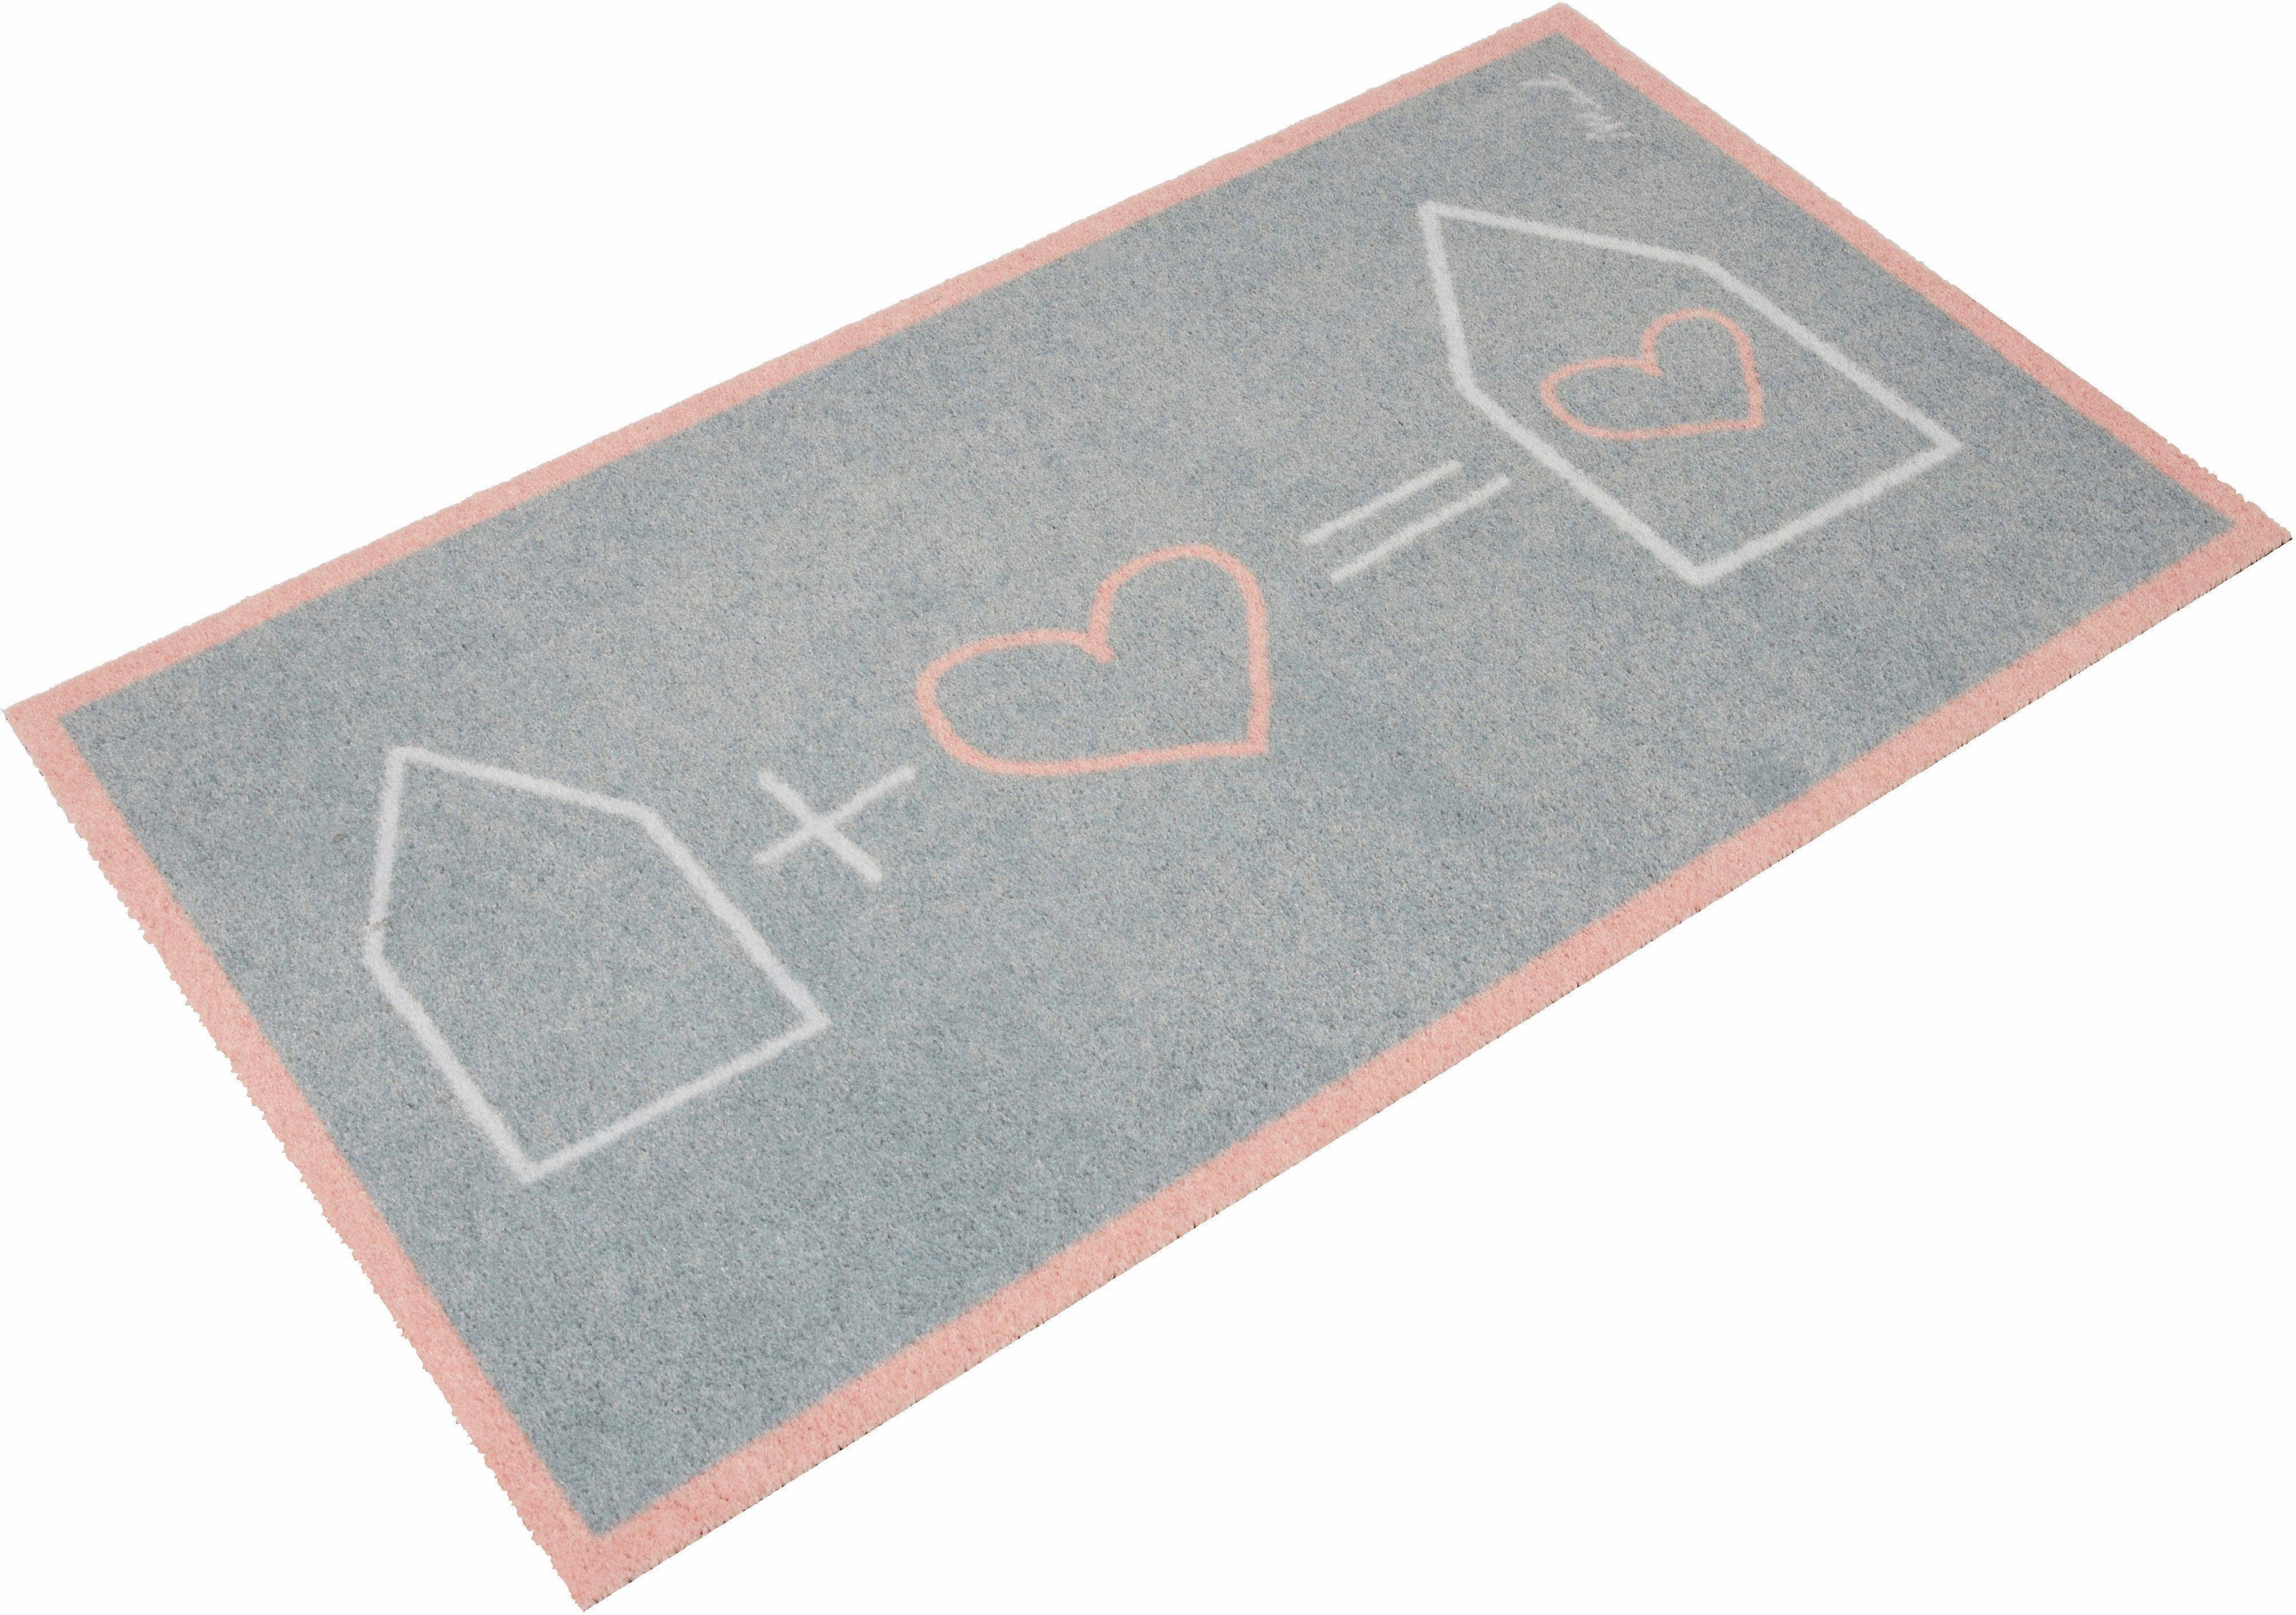 Teppich »Leah«, Mad about Mats, rechteckig, Höhe 9 mm, In- und Outdoor geeignet, waschbar